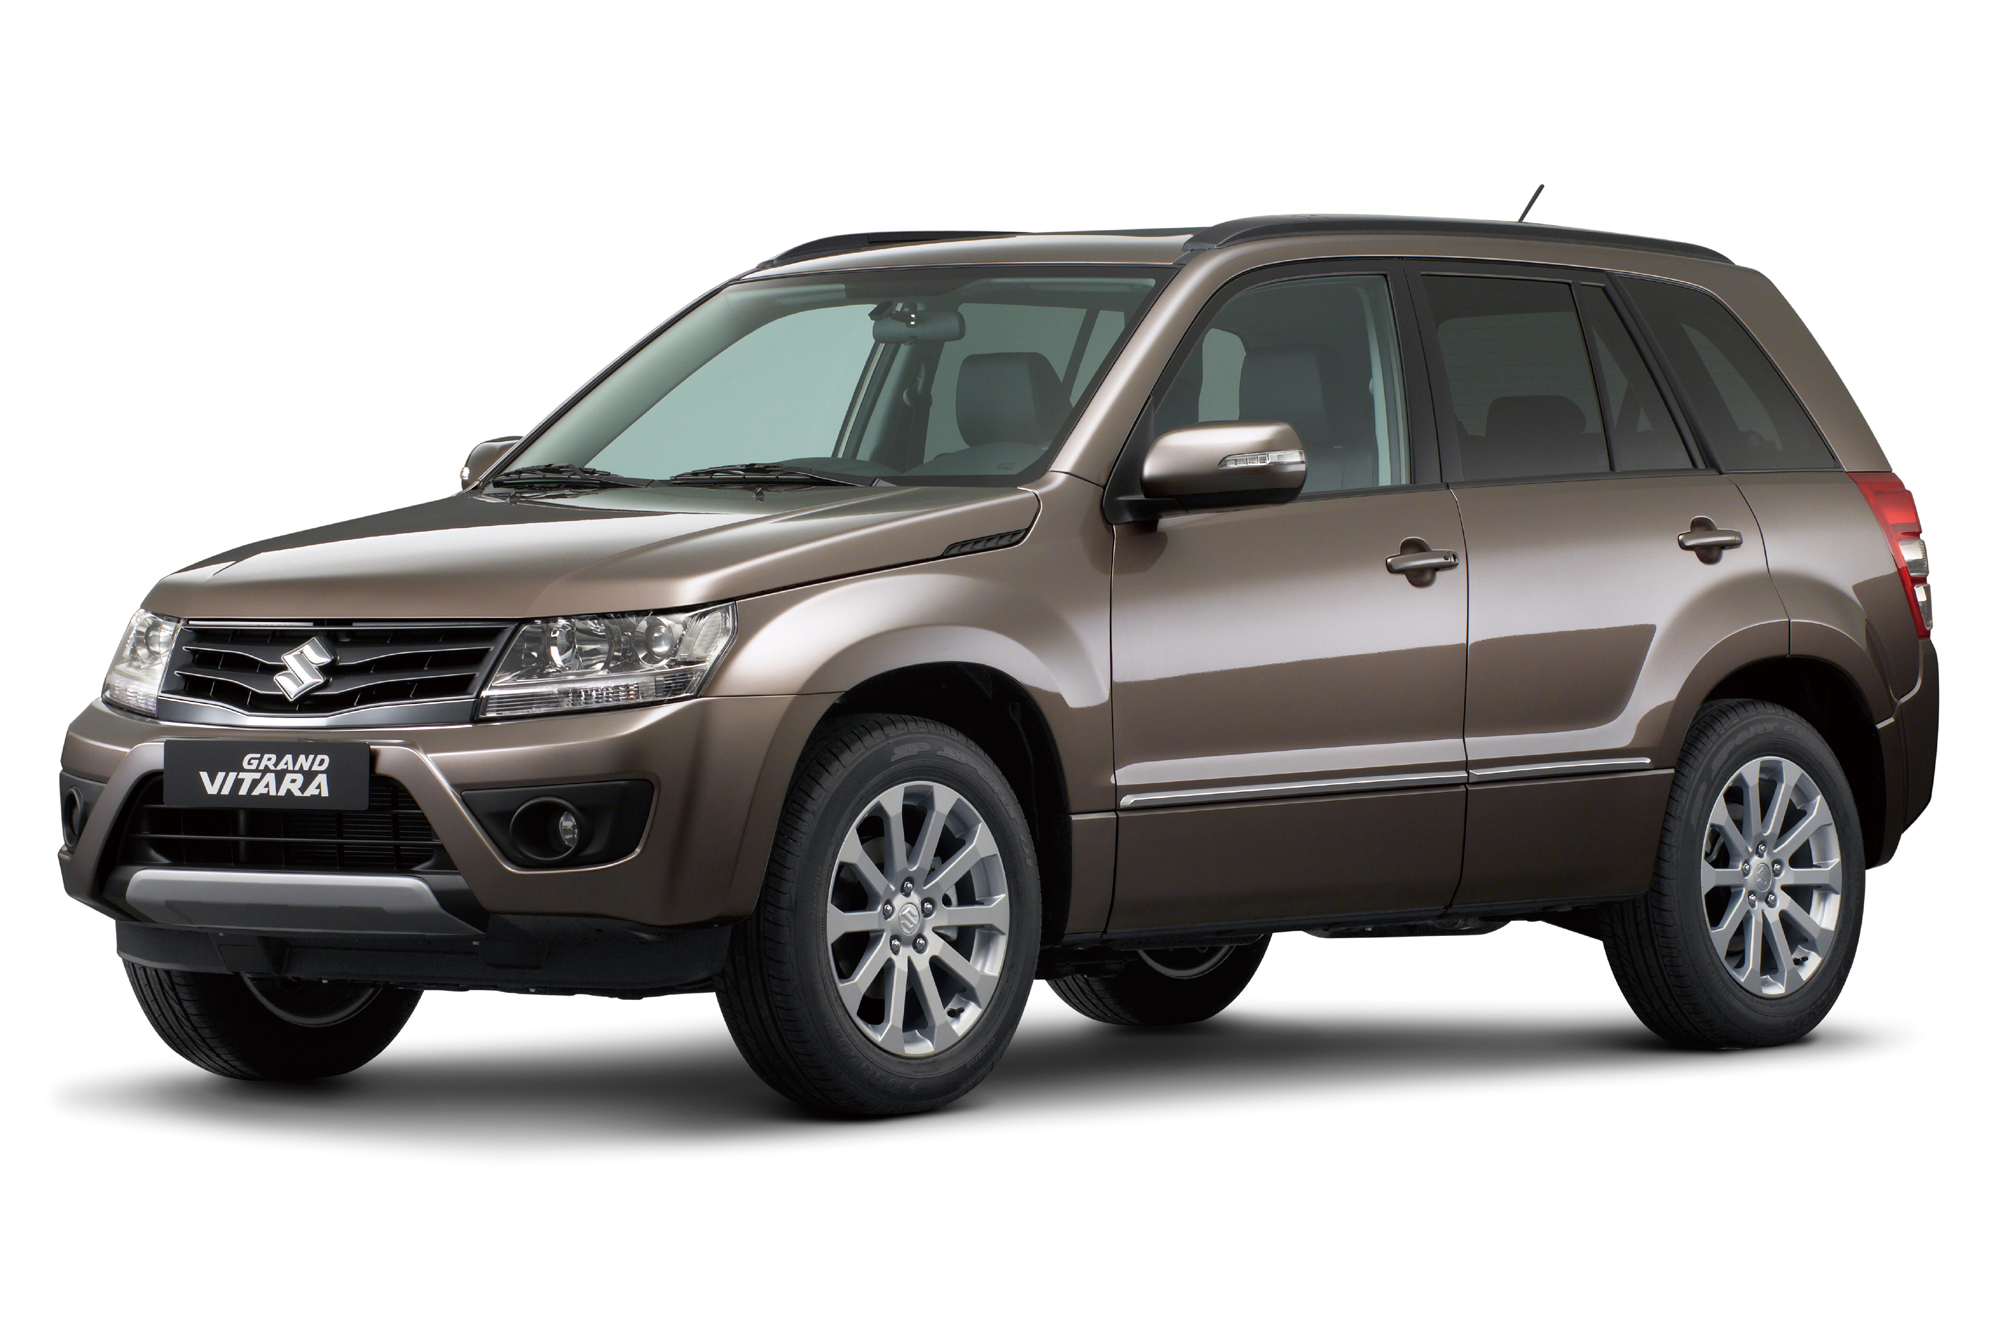 New And Used Suzuki Grand Vitara Prices Photos Reviews